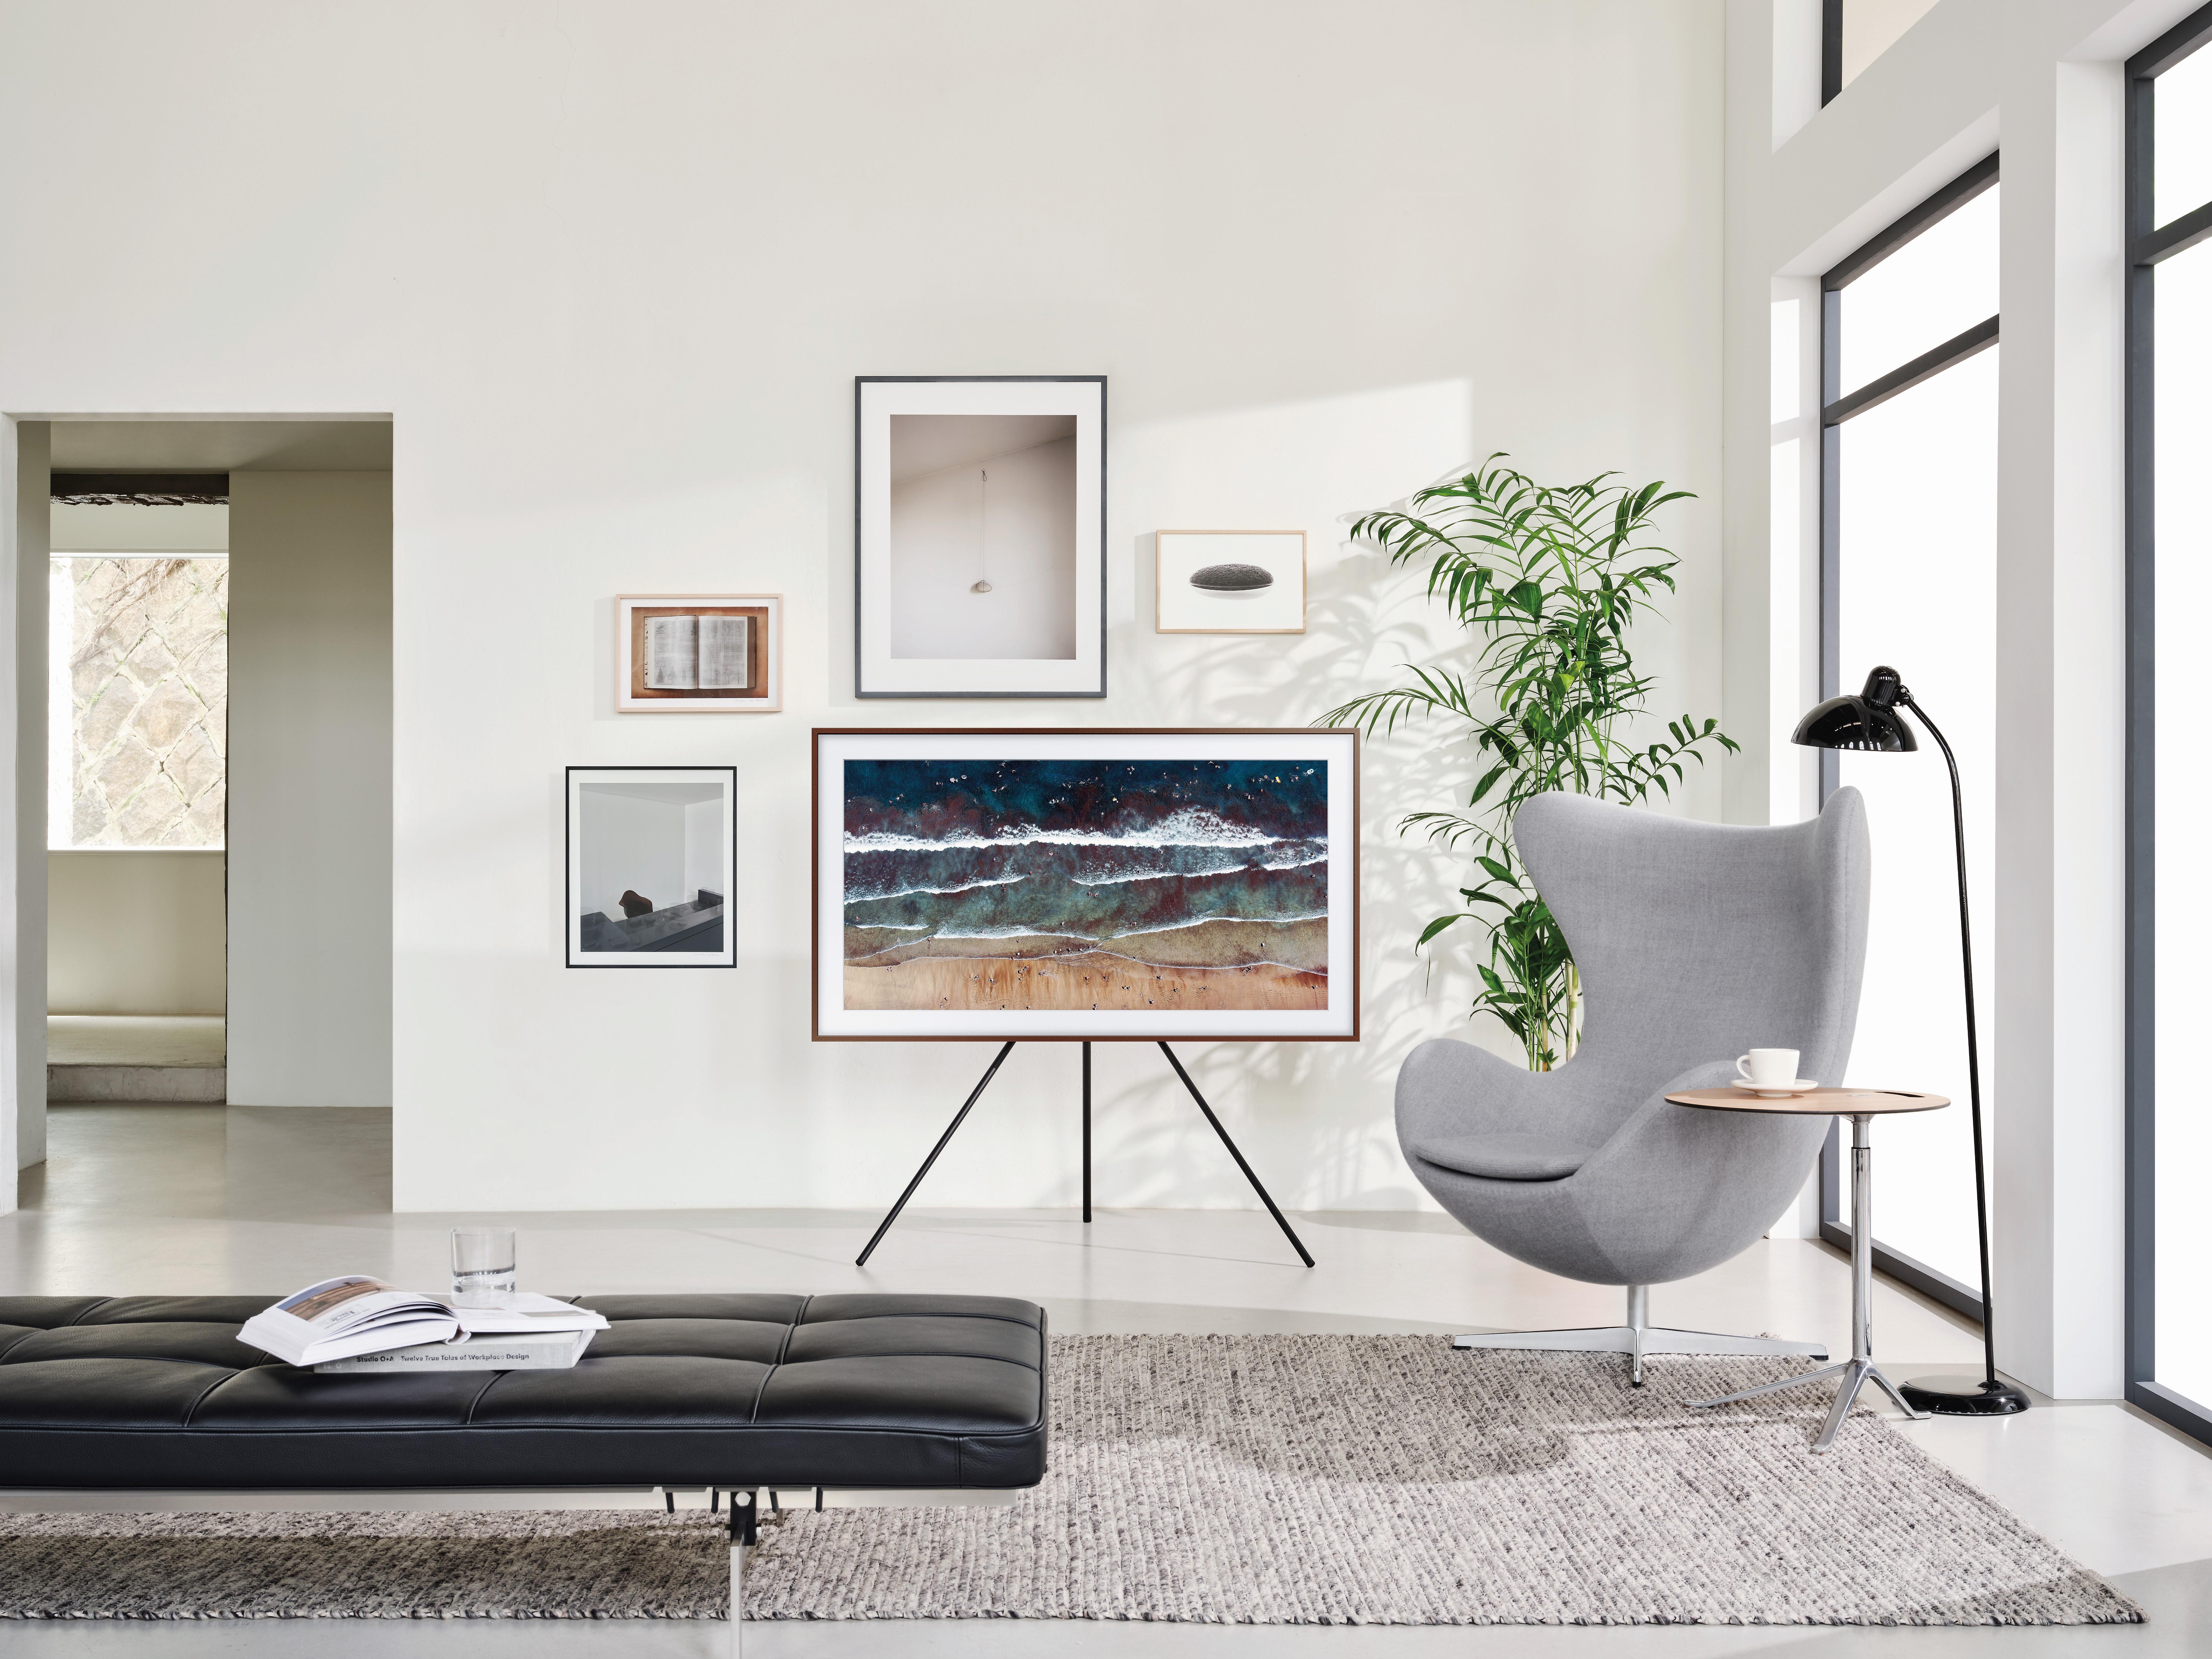 Безграничные возможности интерьерных телевизоров Samsung